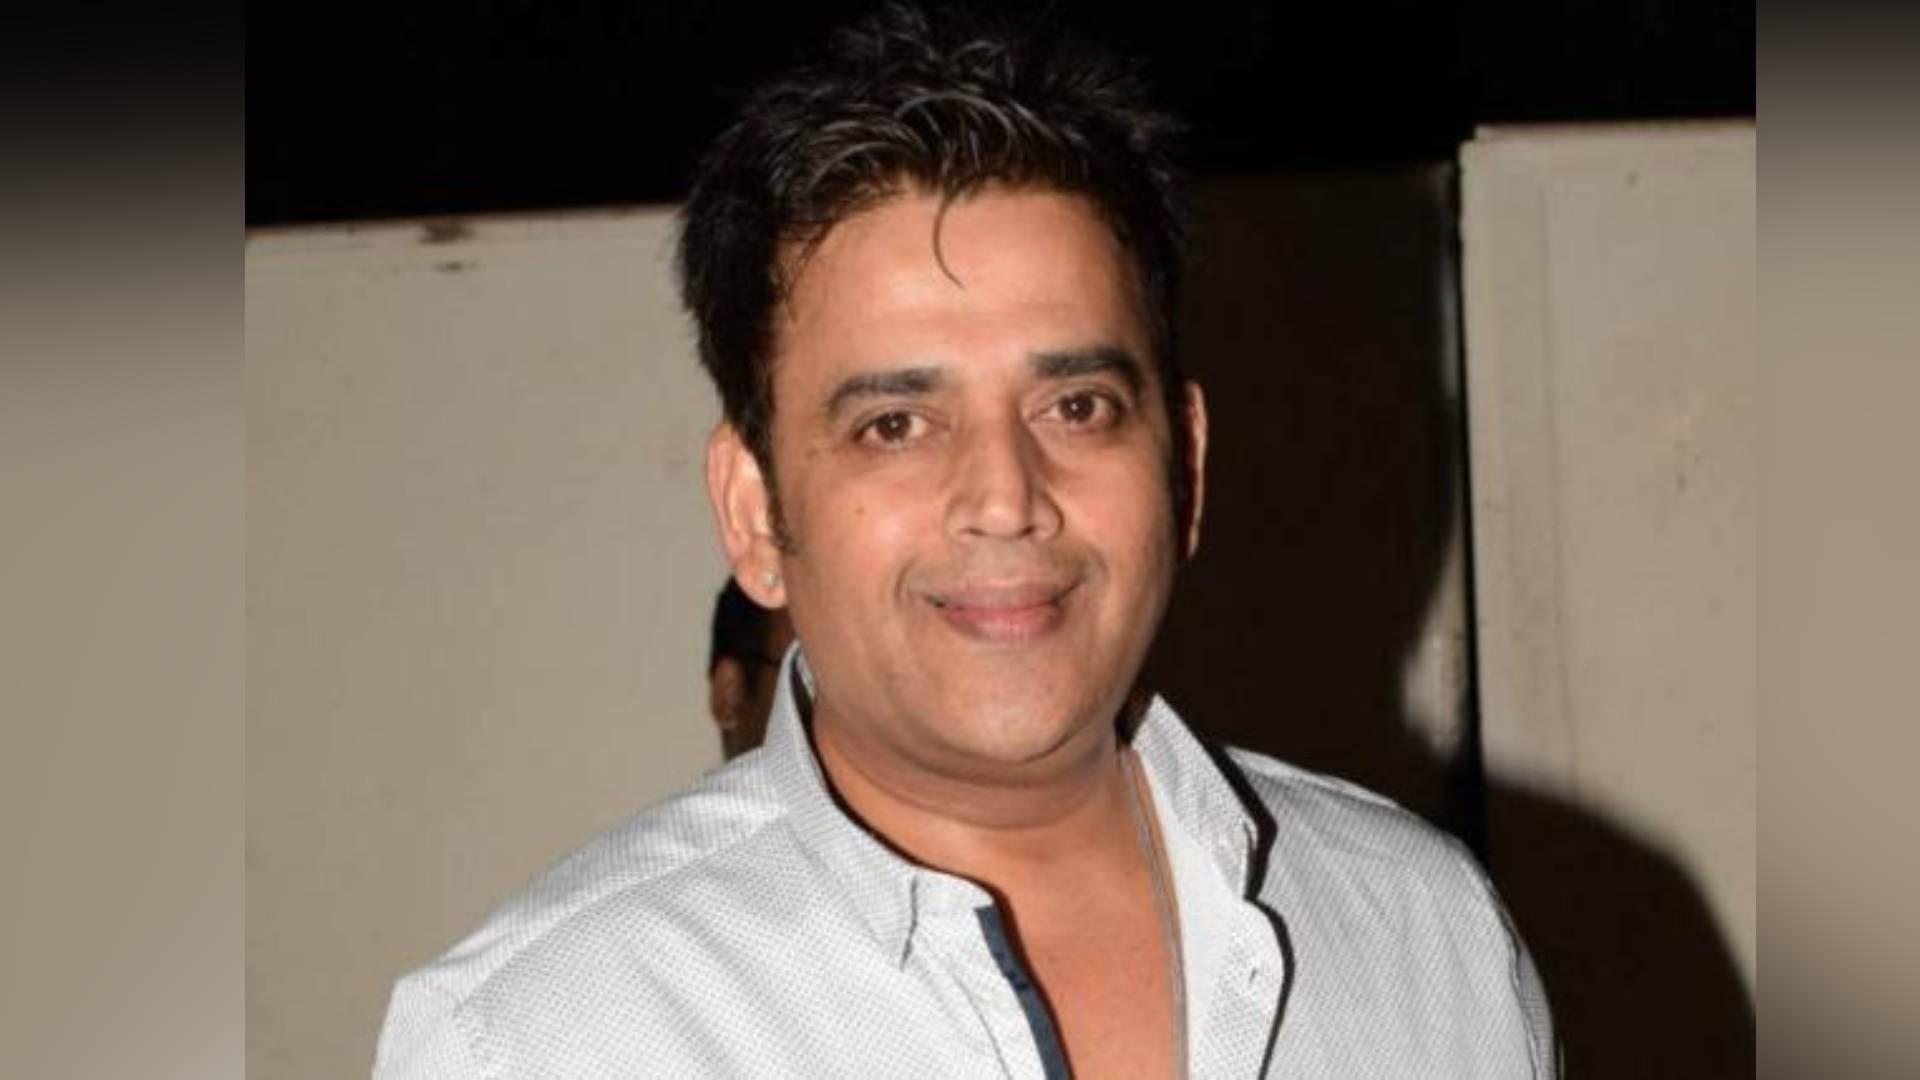 कपिल शर्मा के शो में उड़ा नवजोत सिंह सिद्धू मजाक, अभिनेता से नेता बने रवि किशन ने कहा- अभी तक दर्द में हैं